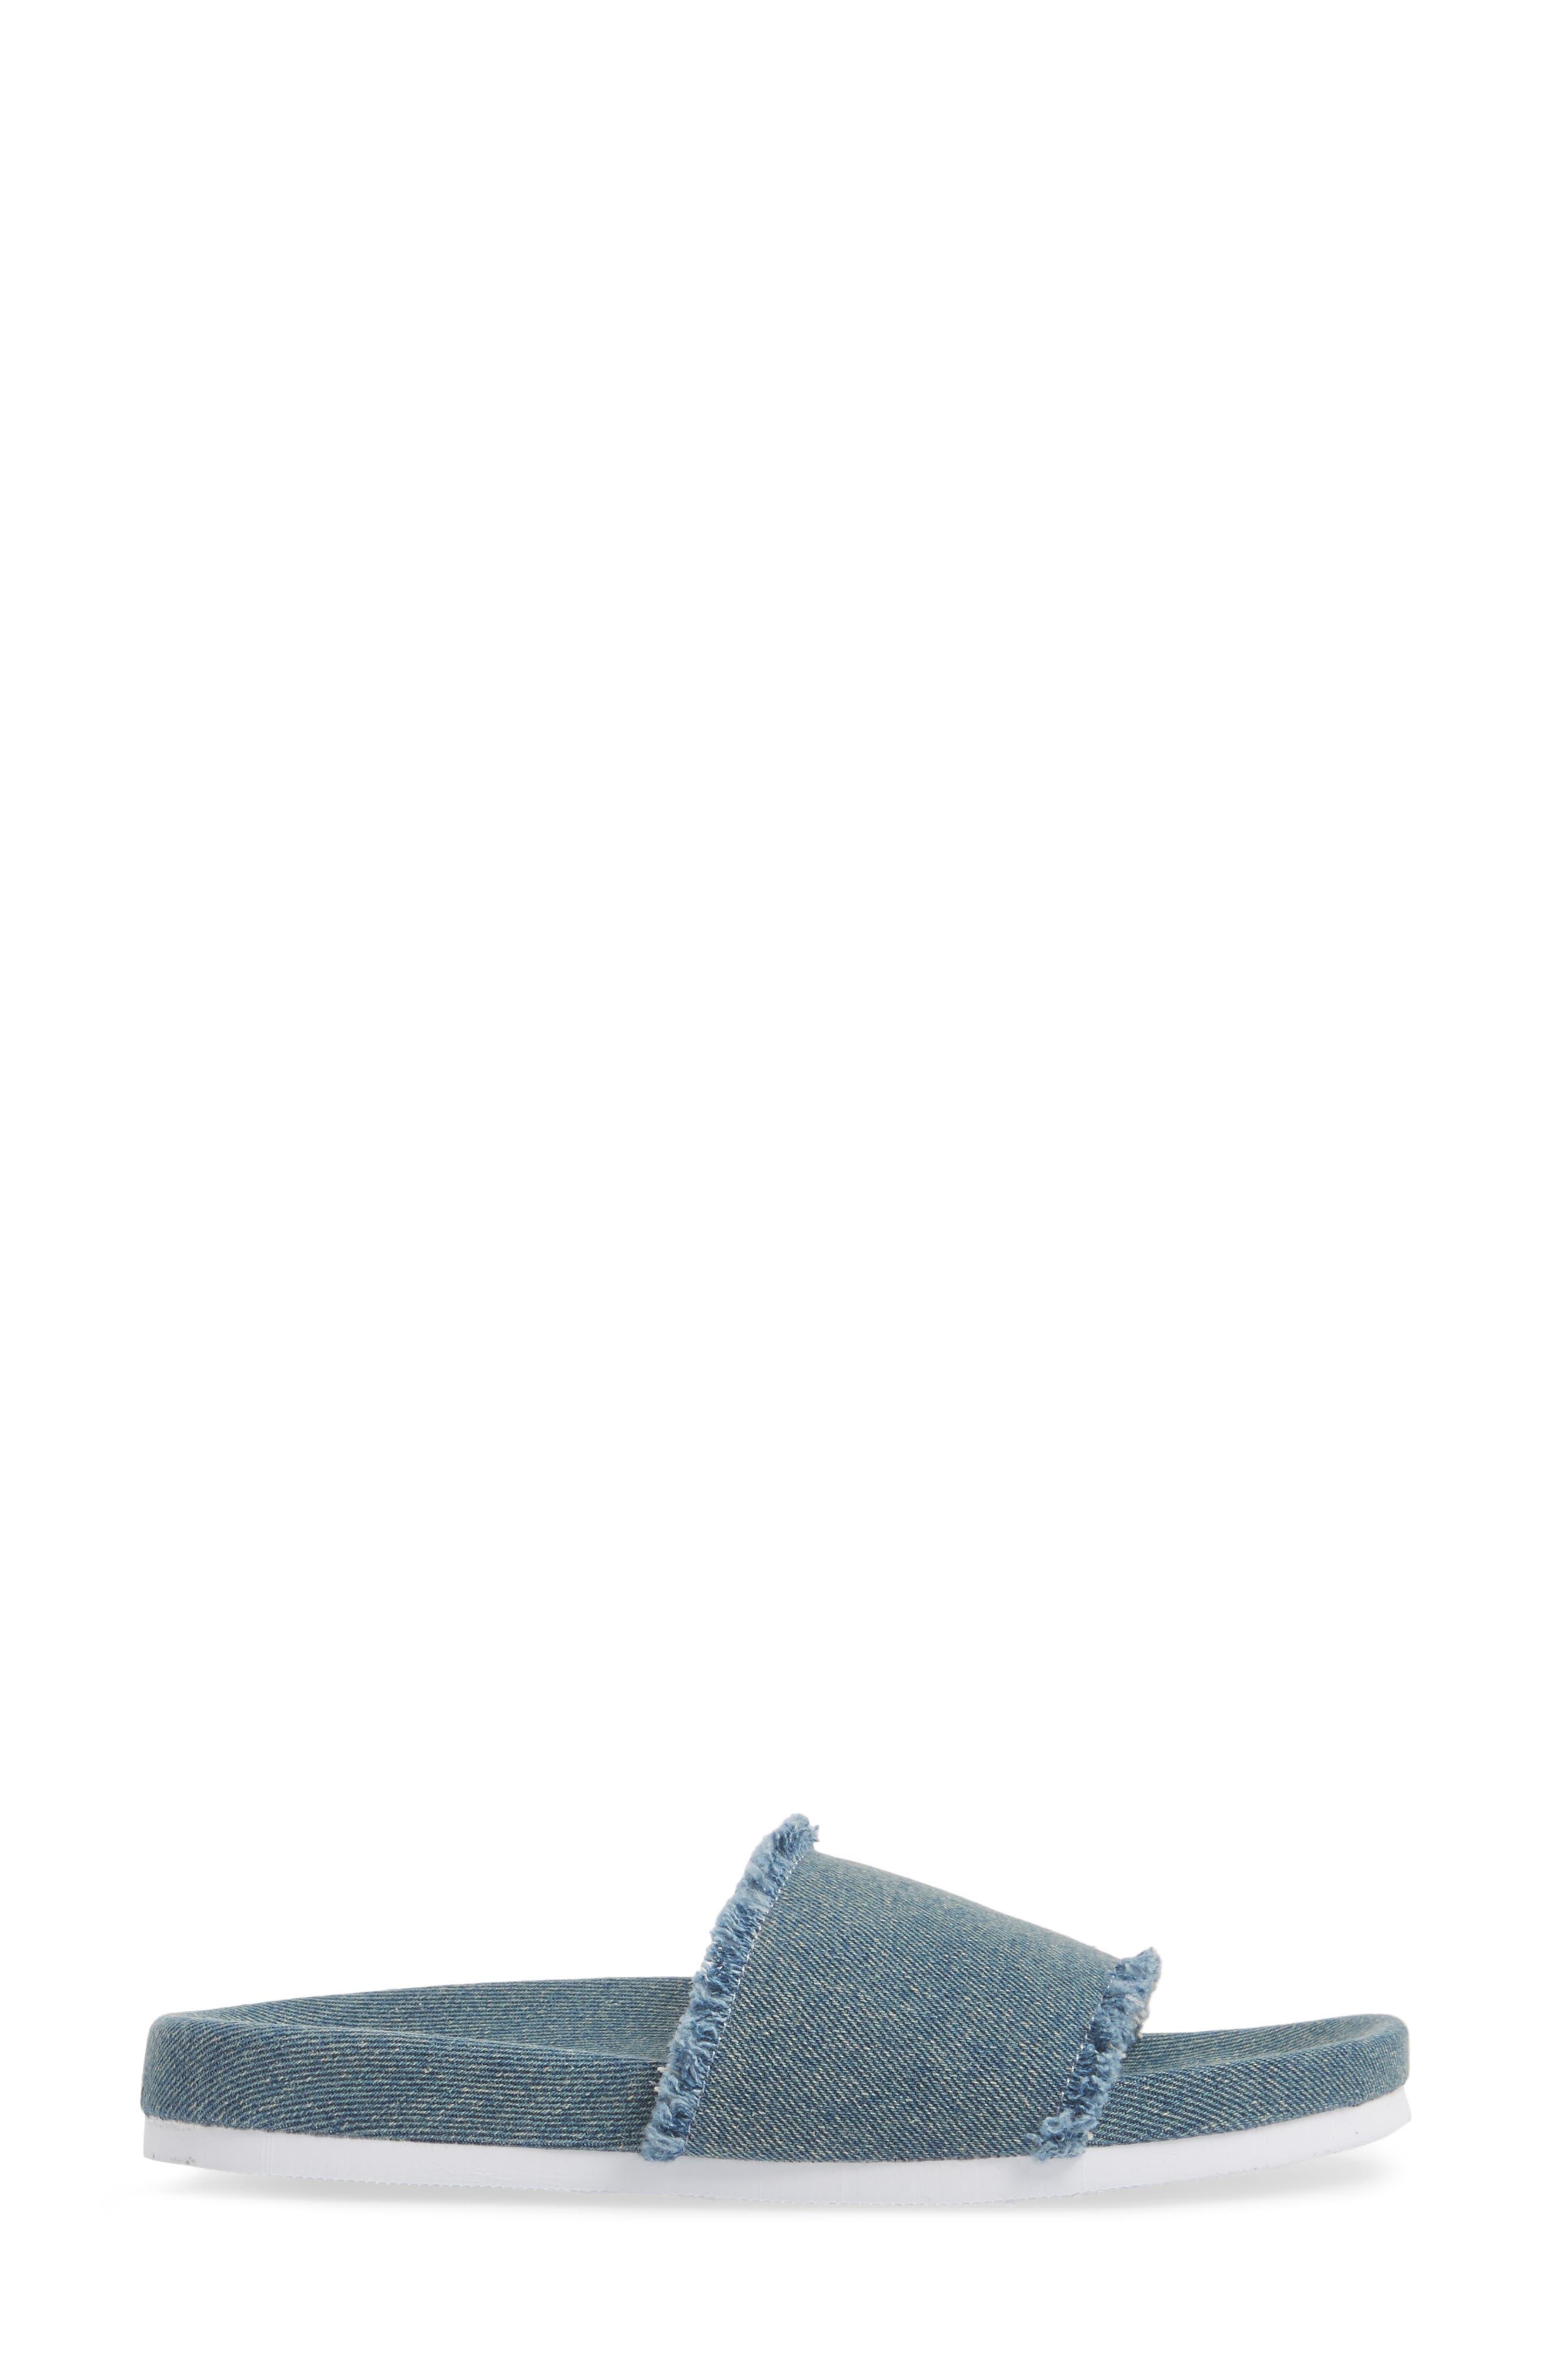 Kelsey Frayed Edge Slide Sandal,                             Alternate thumbnail 3, color,                             Denim